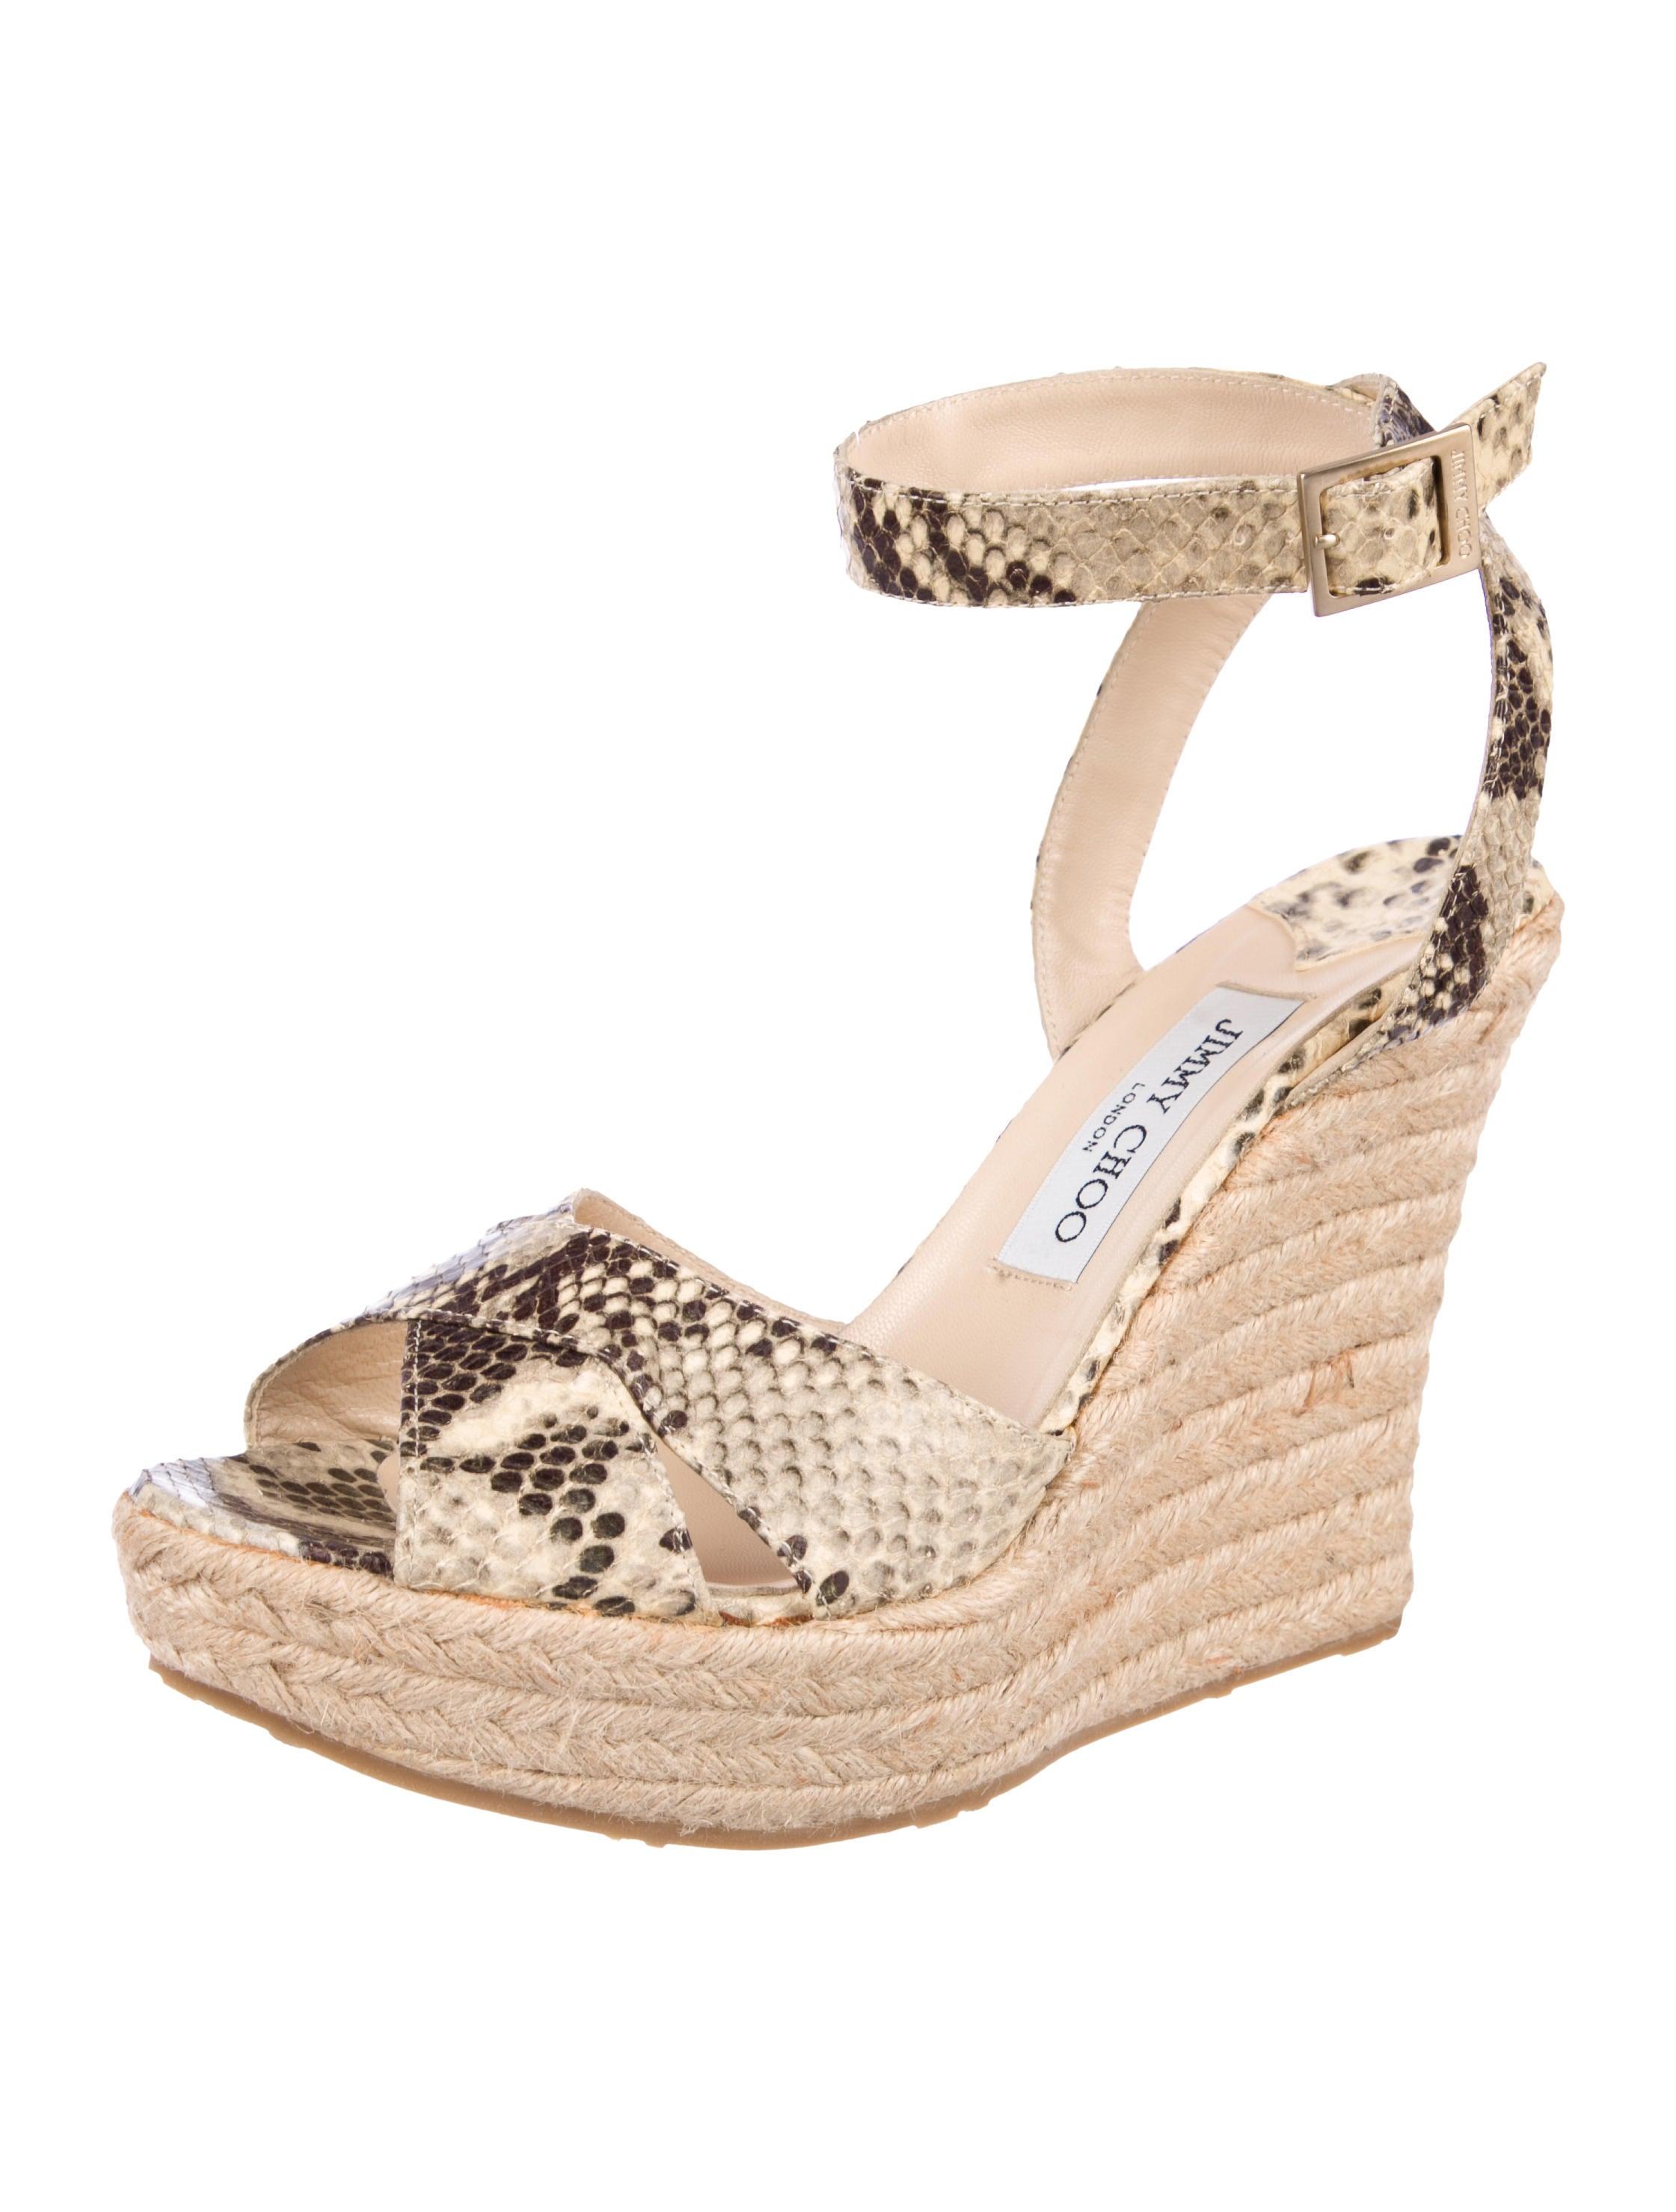 35a93ea451d42d Jimmy Choo Platform Espadrille Wedges - Shoes - JIM97025